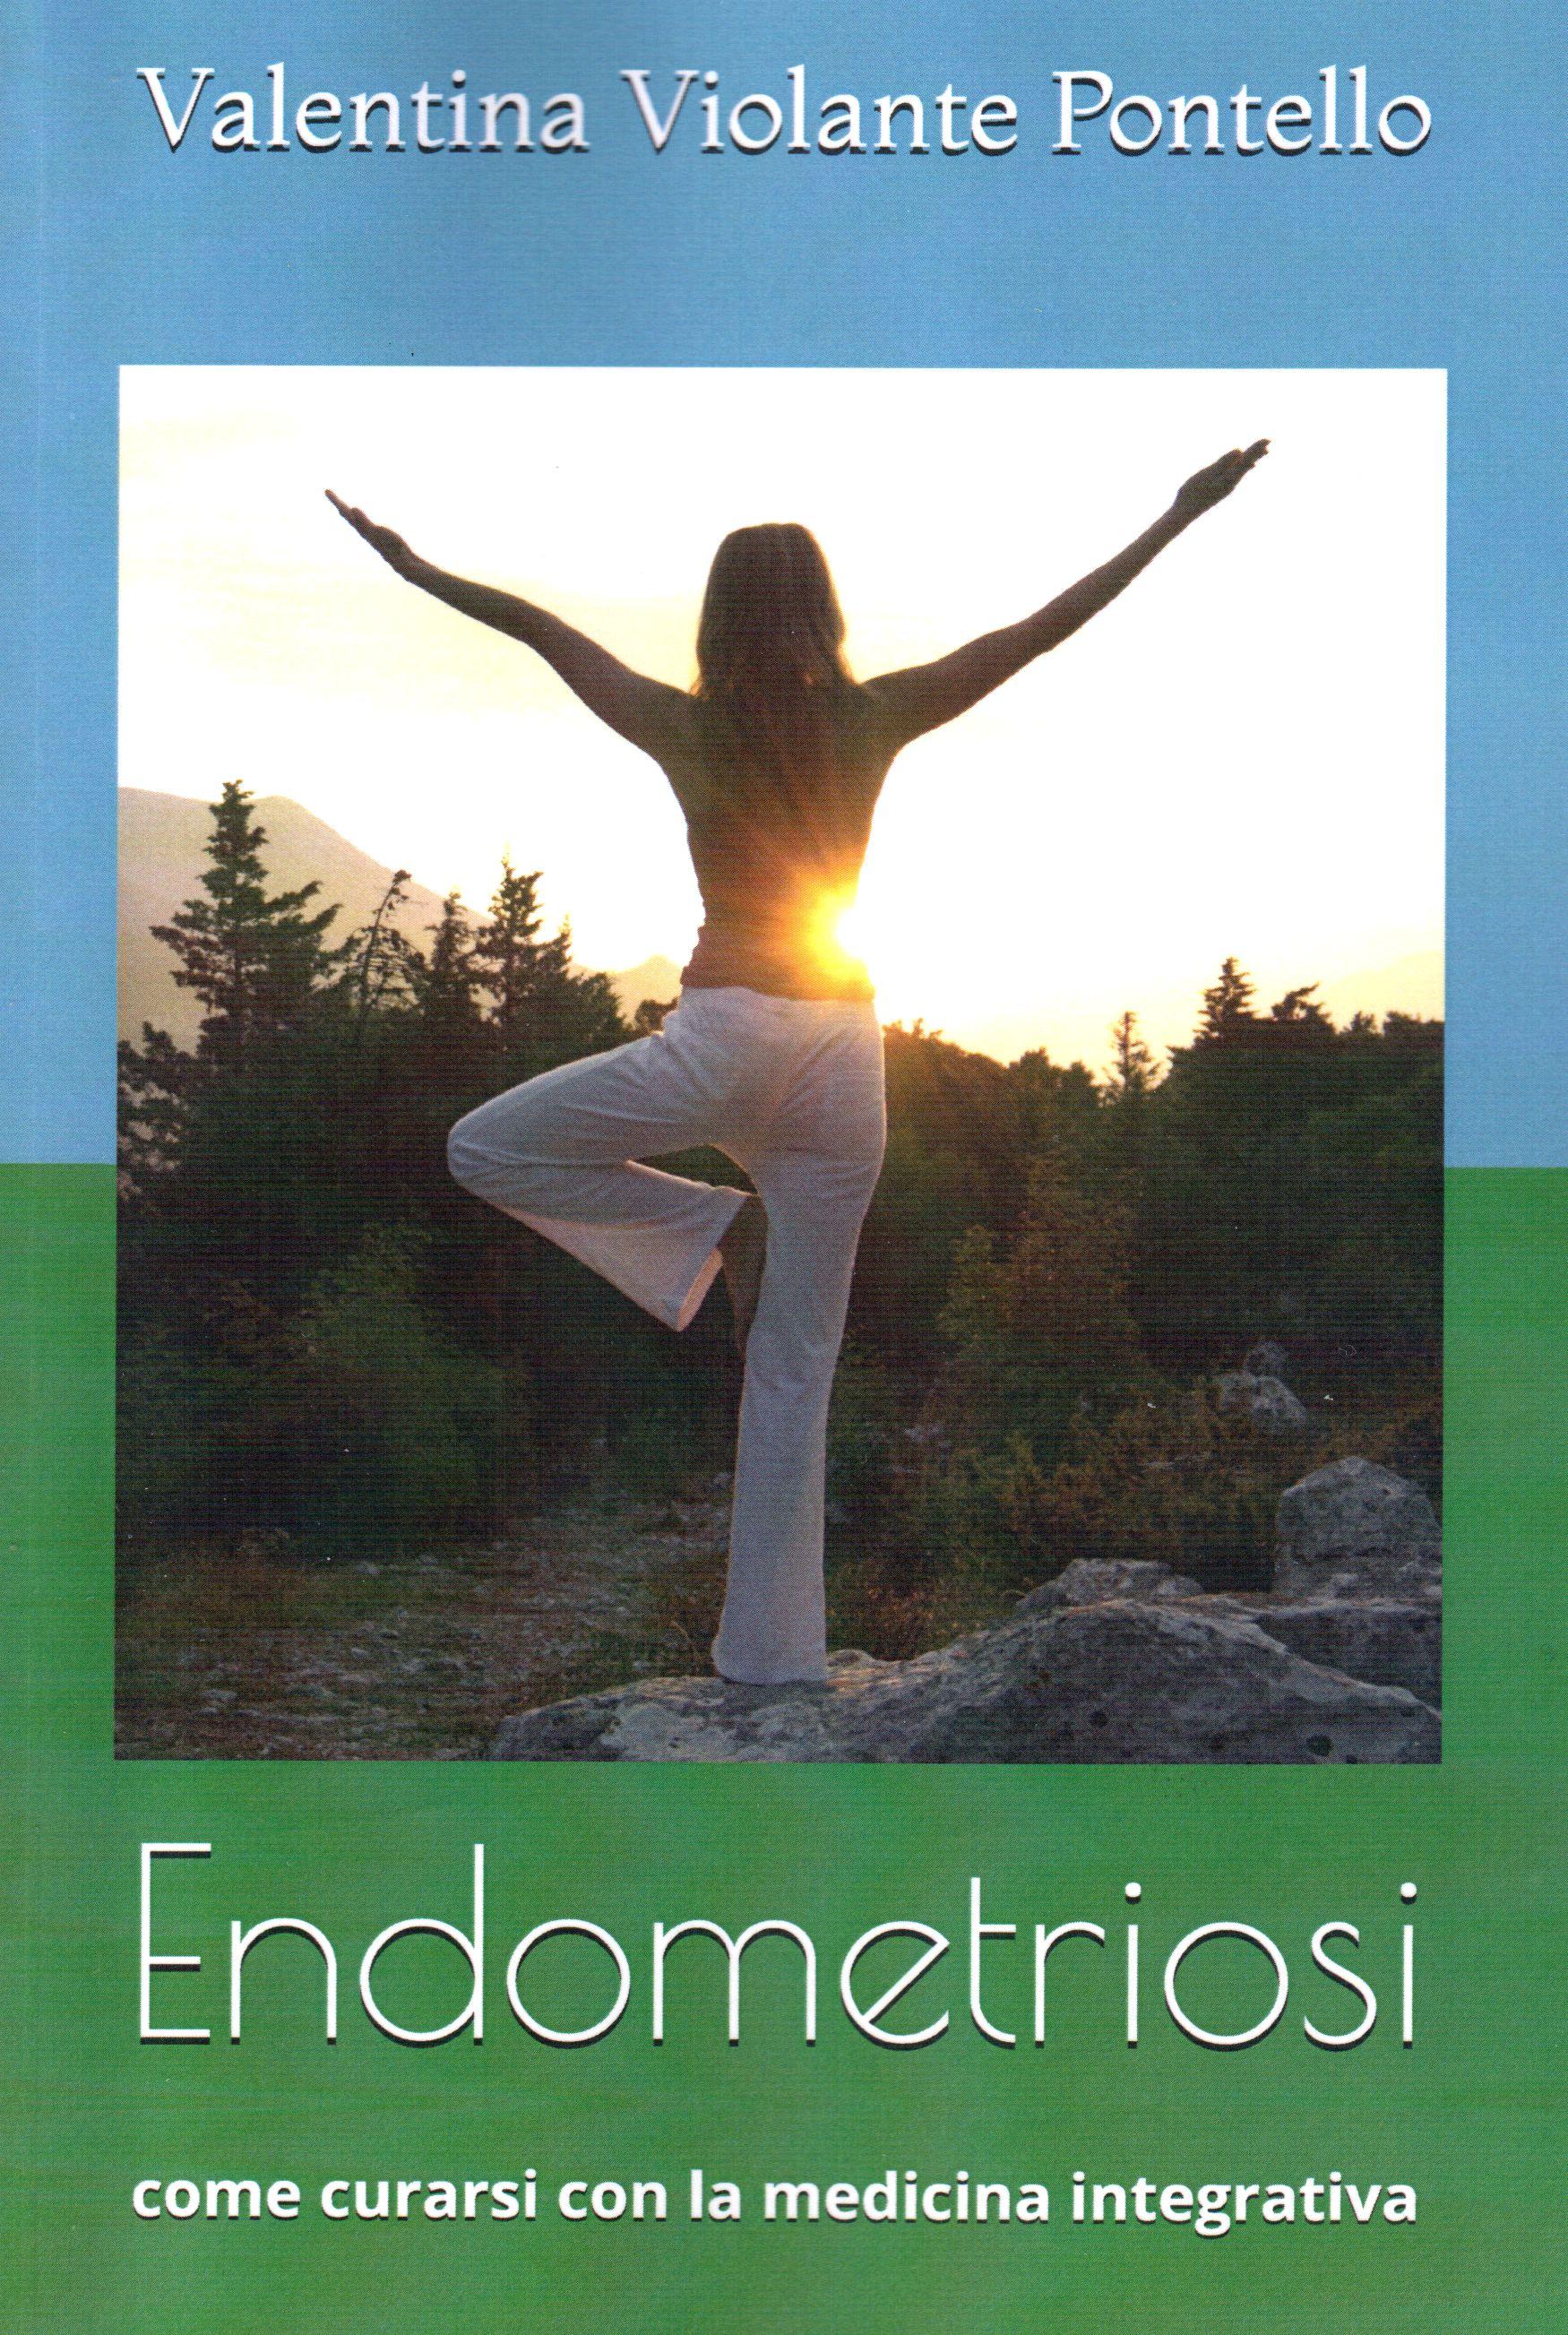 Endometriosi: come curarsi con la medicina integrativa